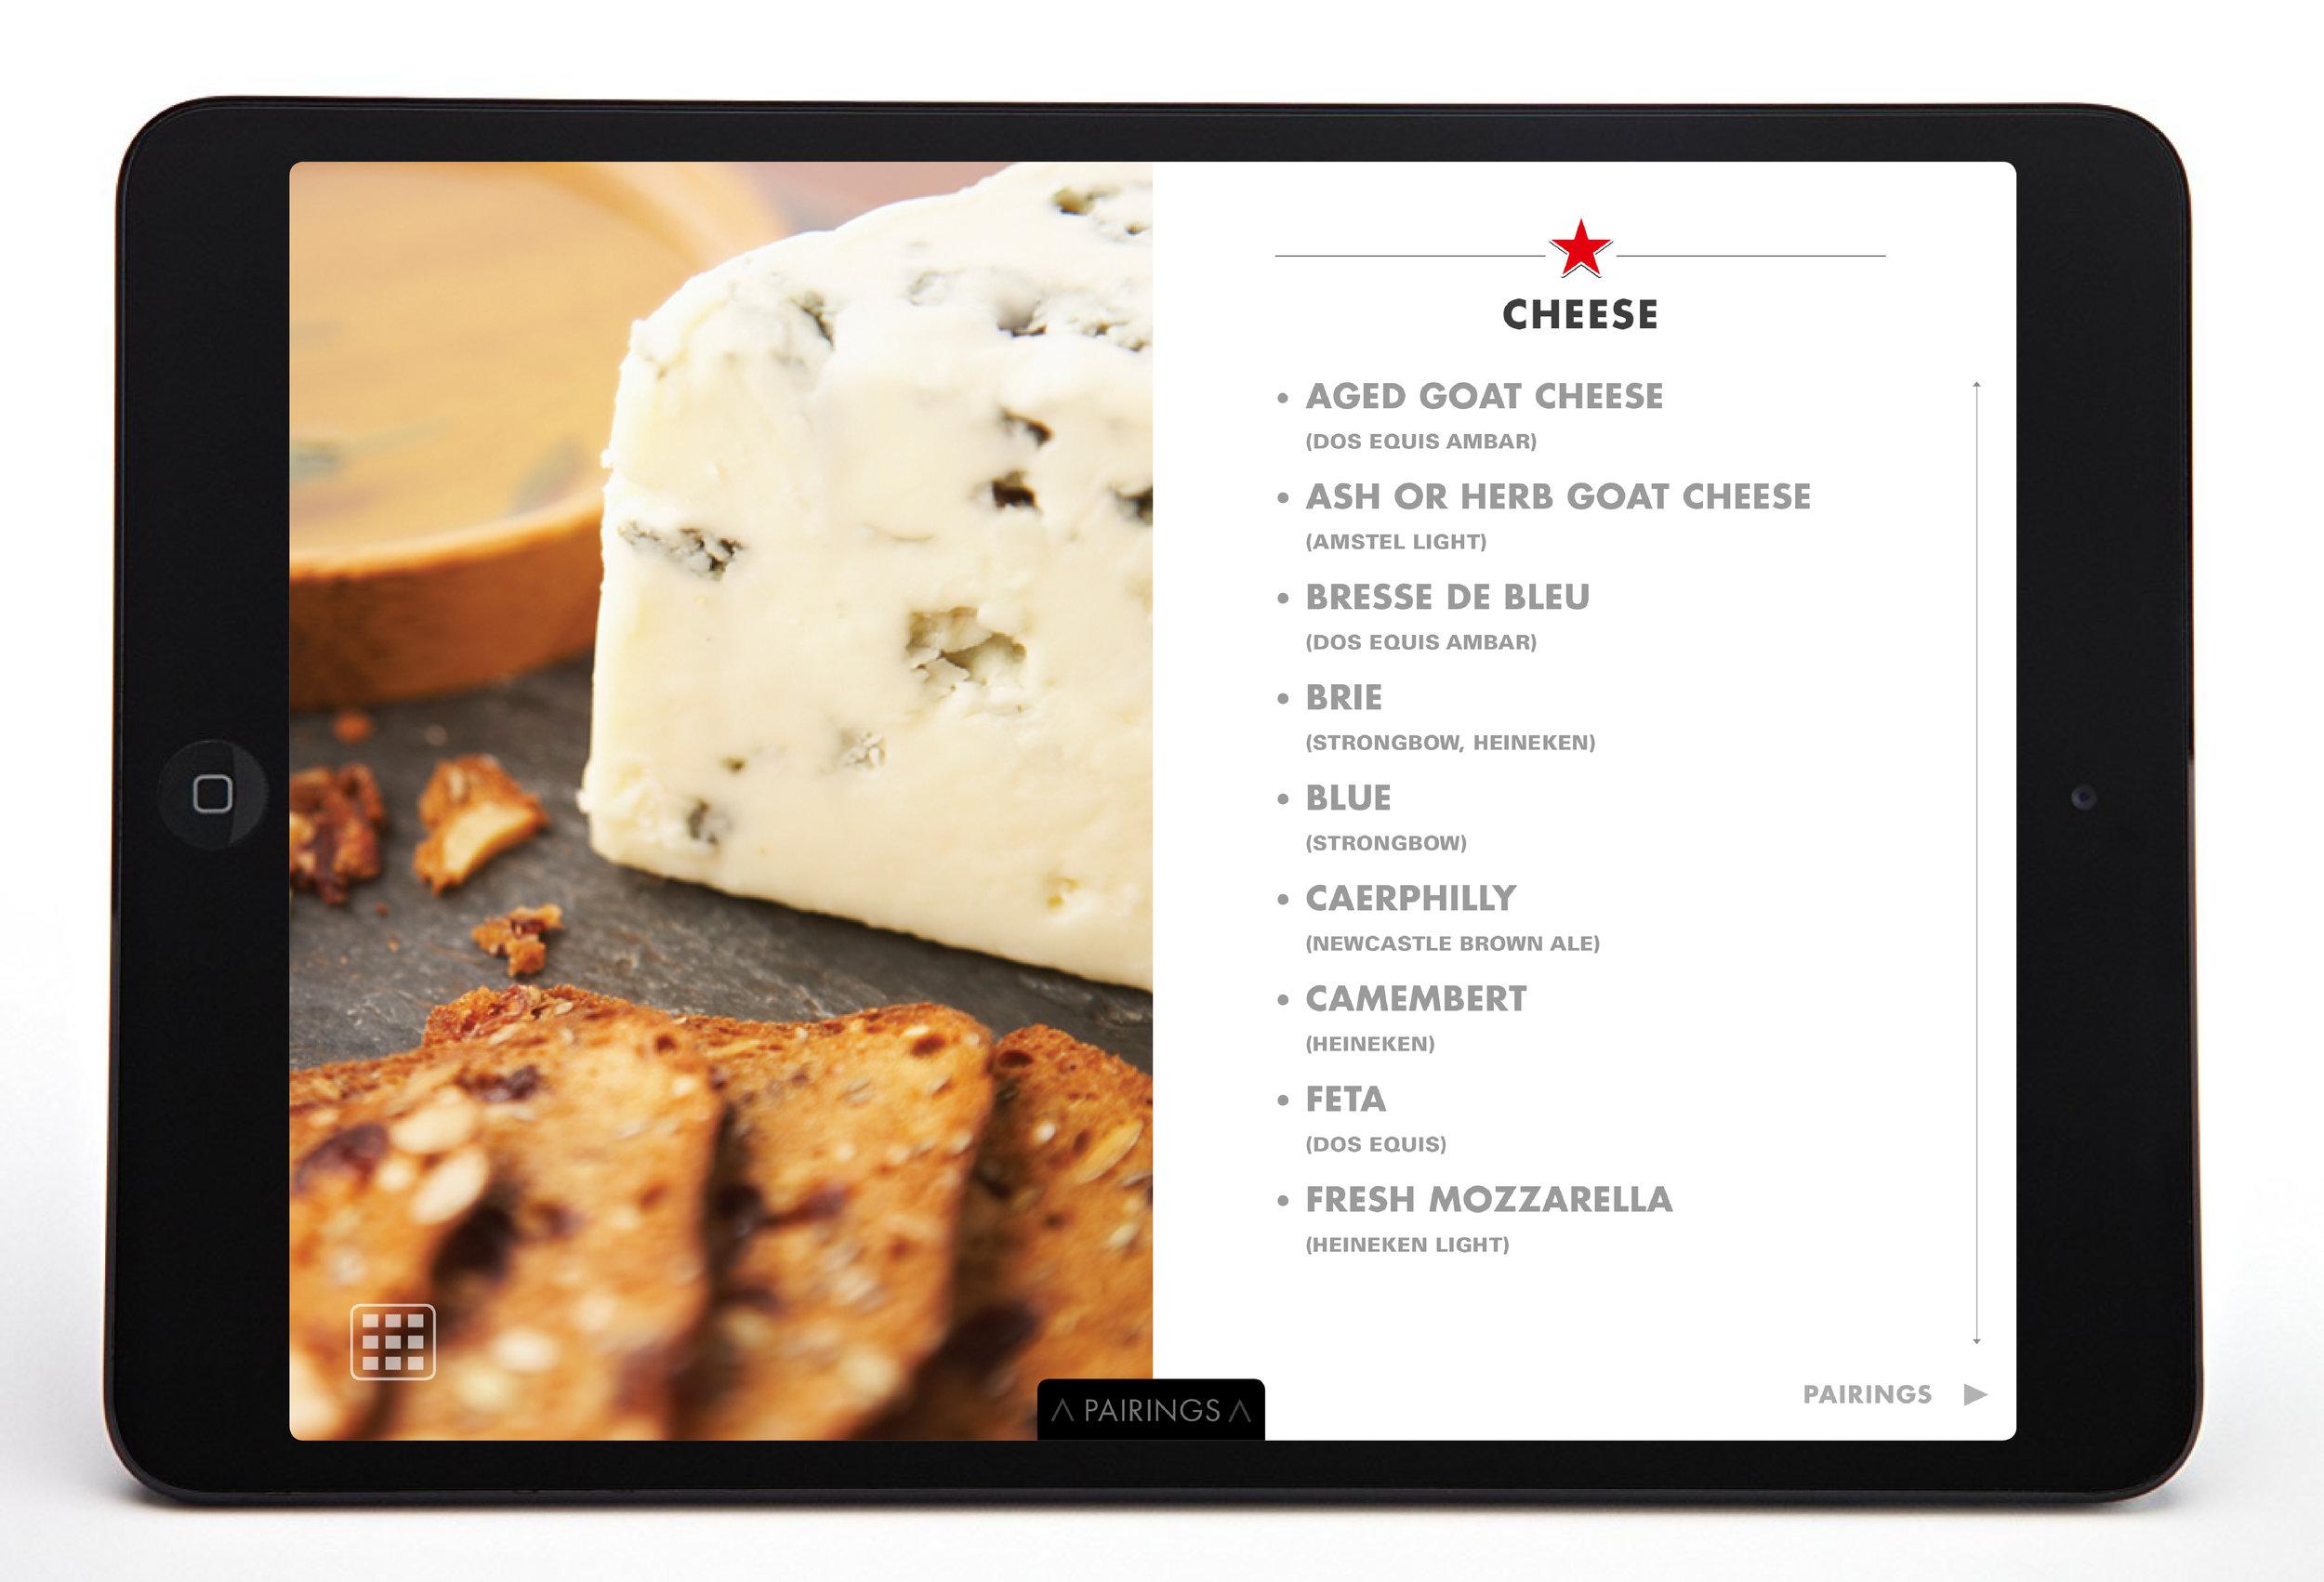 Heineken-food&beer pairing-interactive book46.jpg